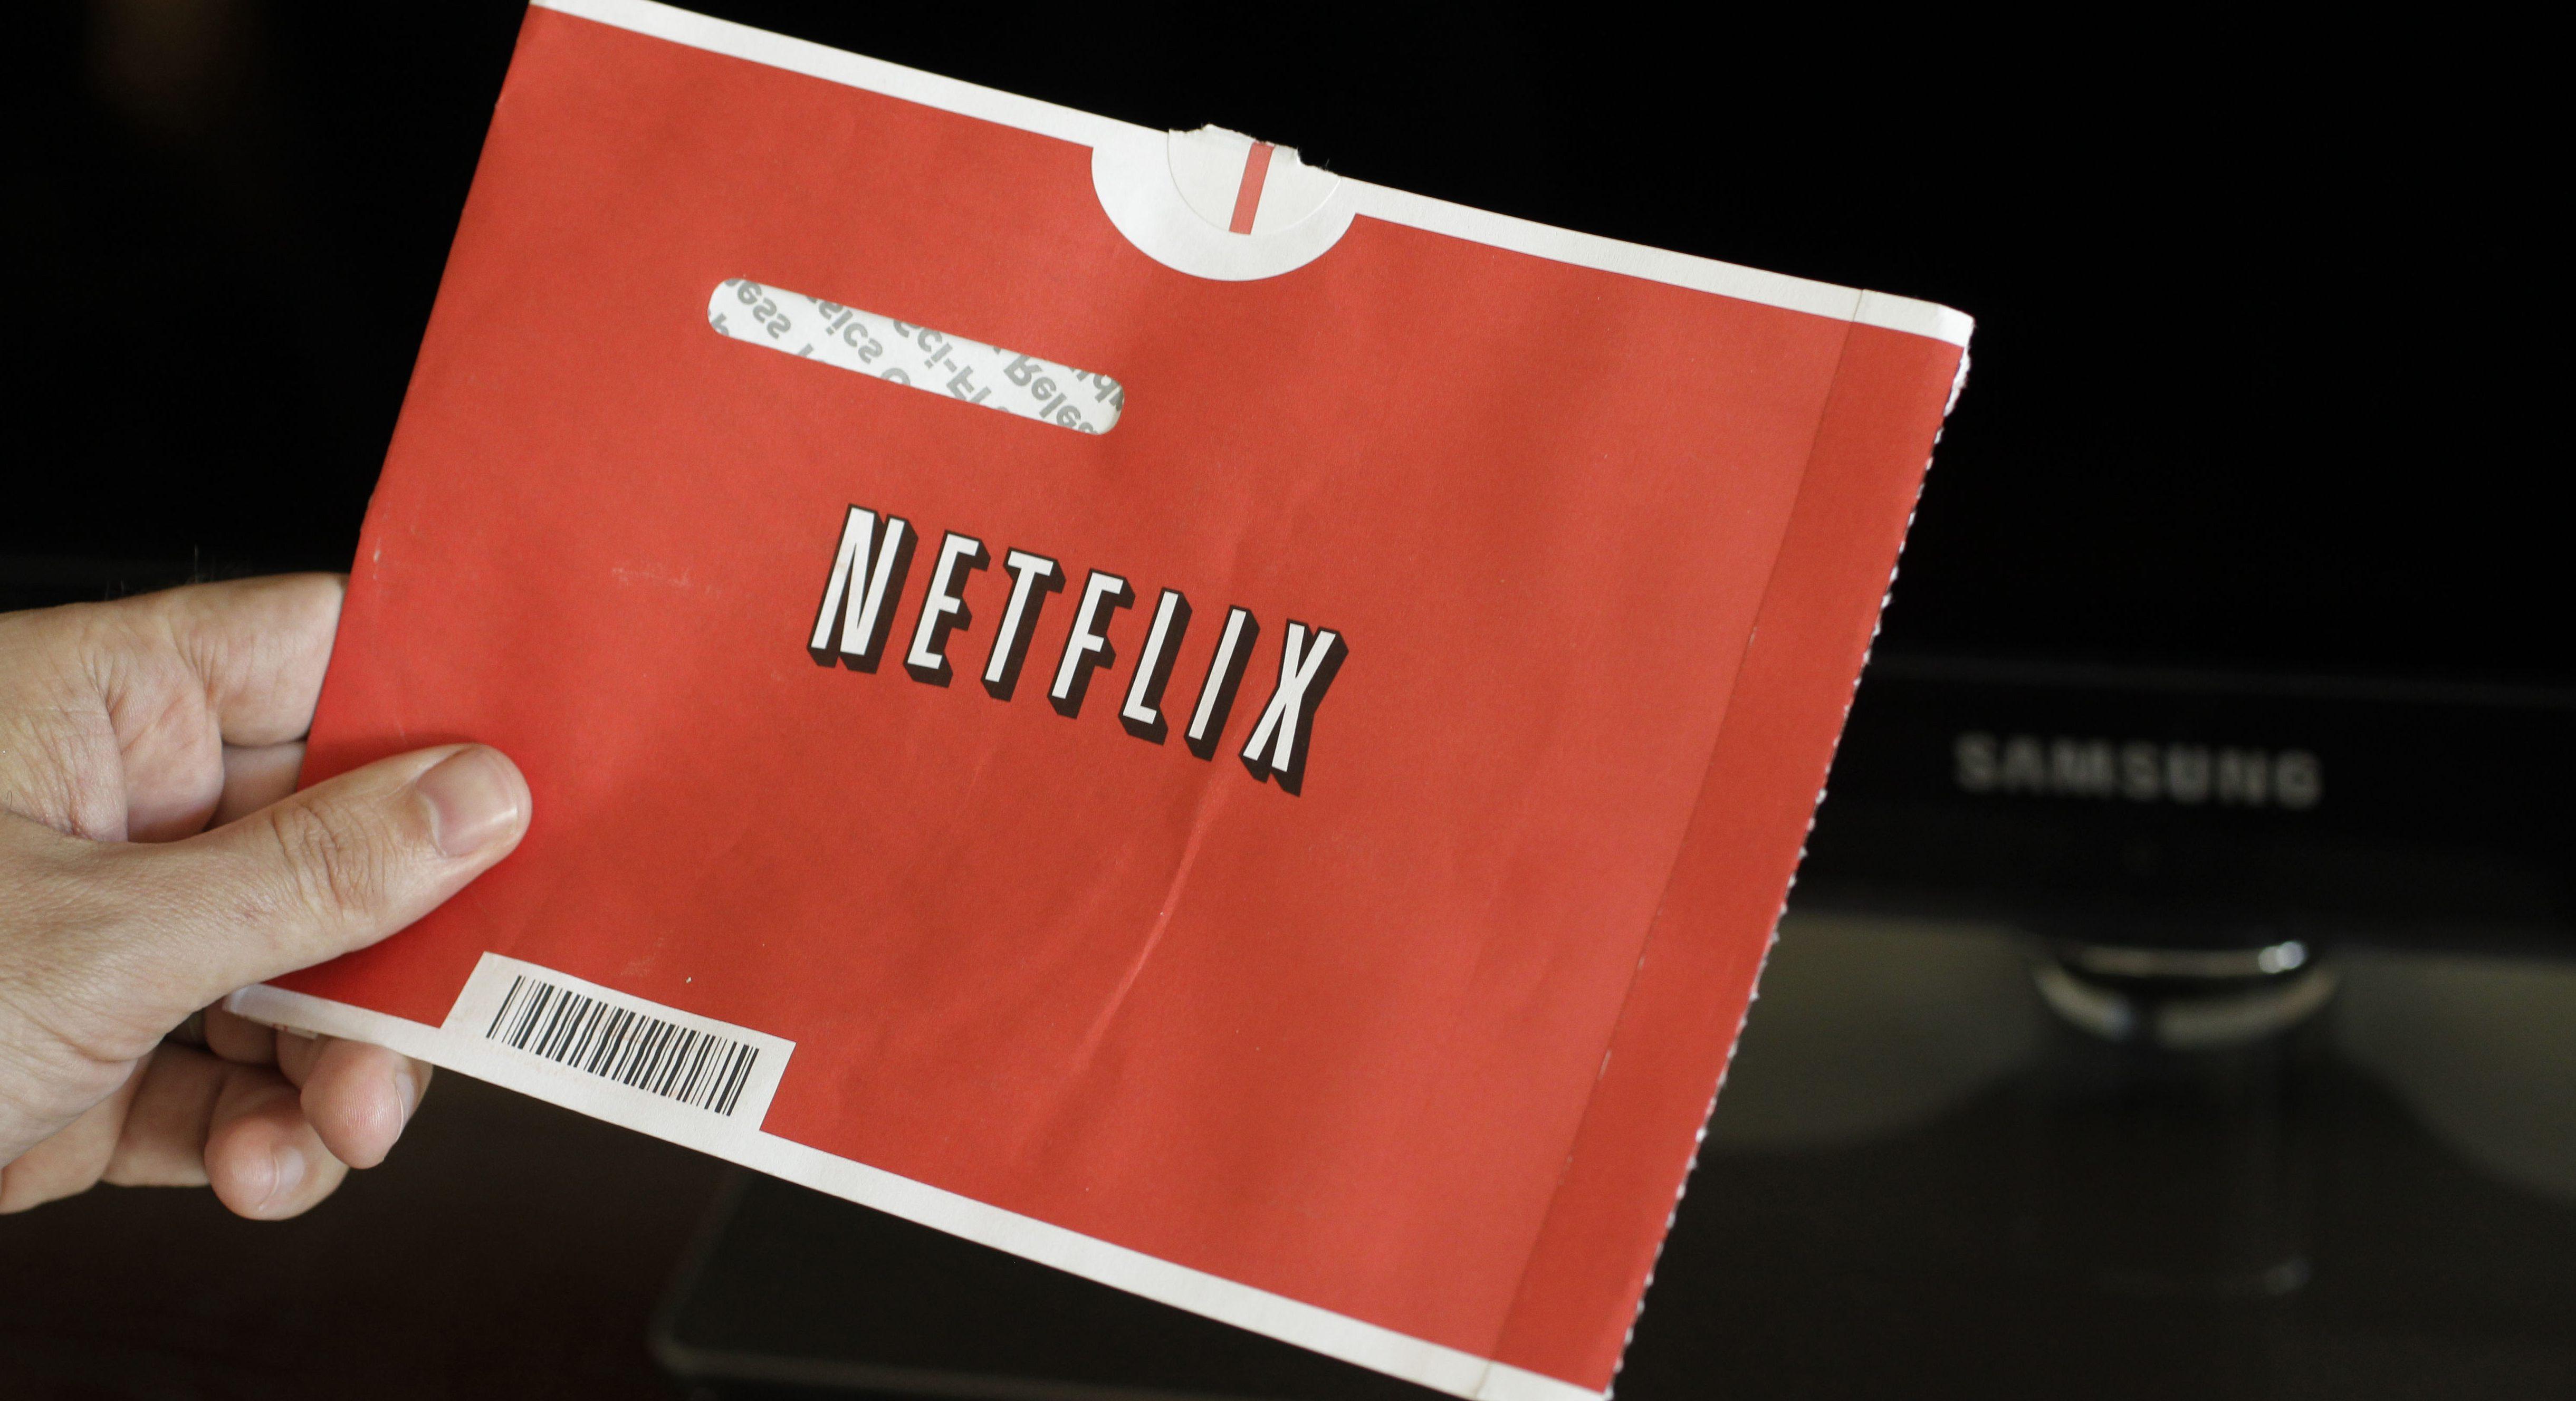 Netflix dvd queue not updating